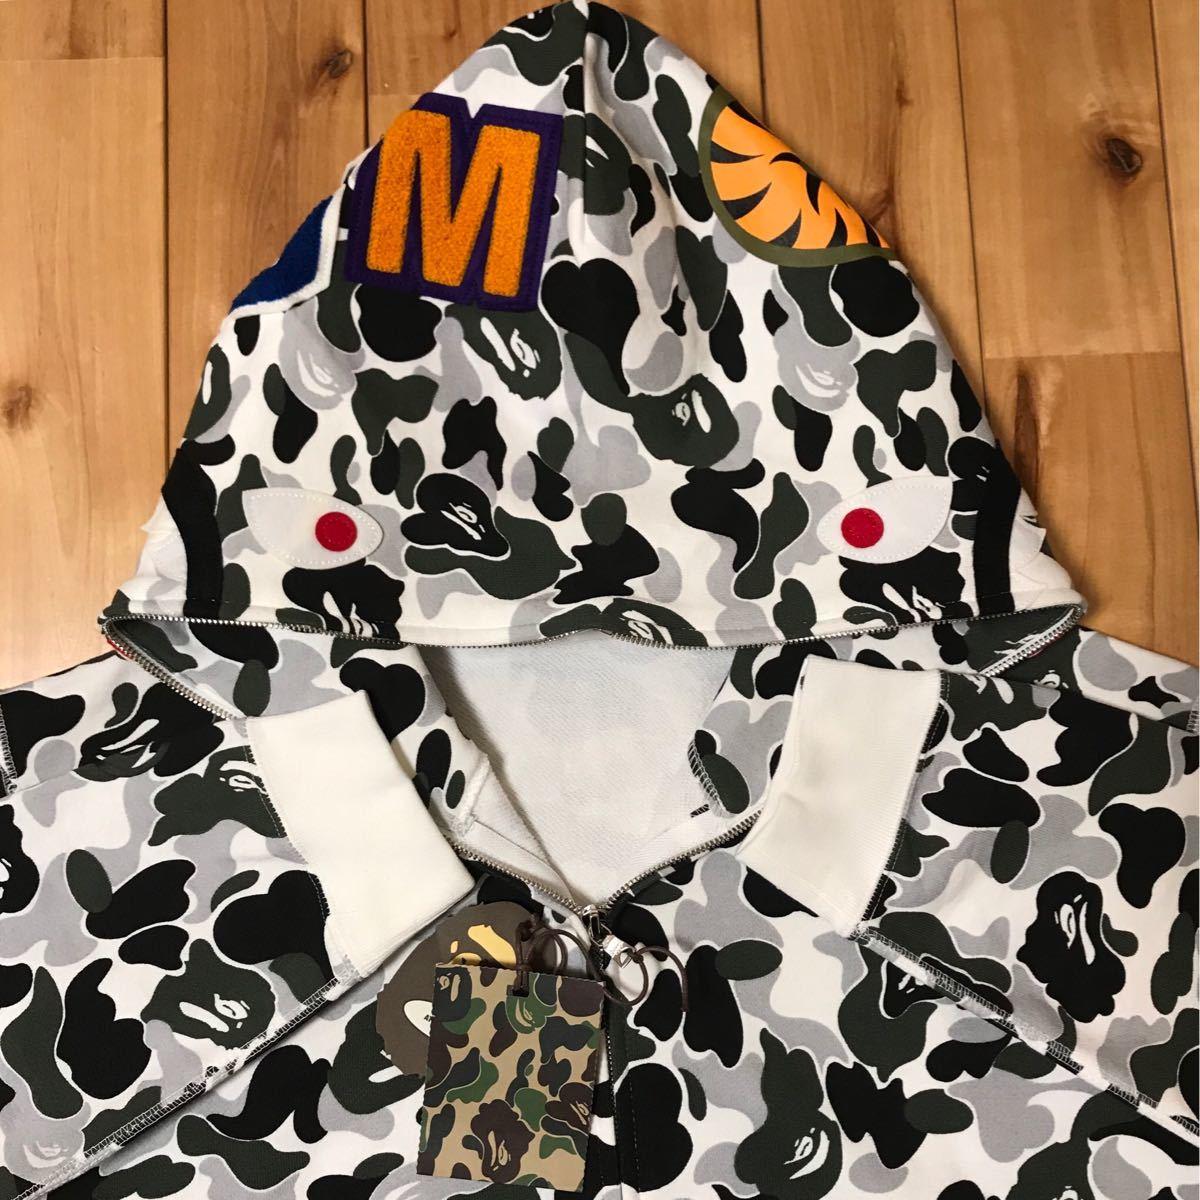 ★新品★ 京都限定 kyoto city limited color camo シャーク パーカー shark full zip hoodie a bathing ape BAPE エイプ ベイプ 都市限定